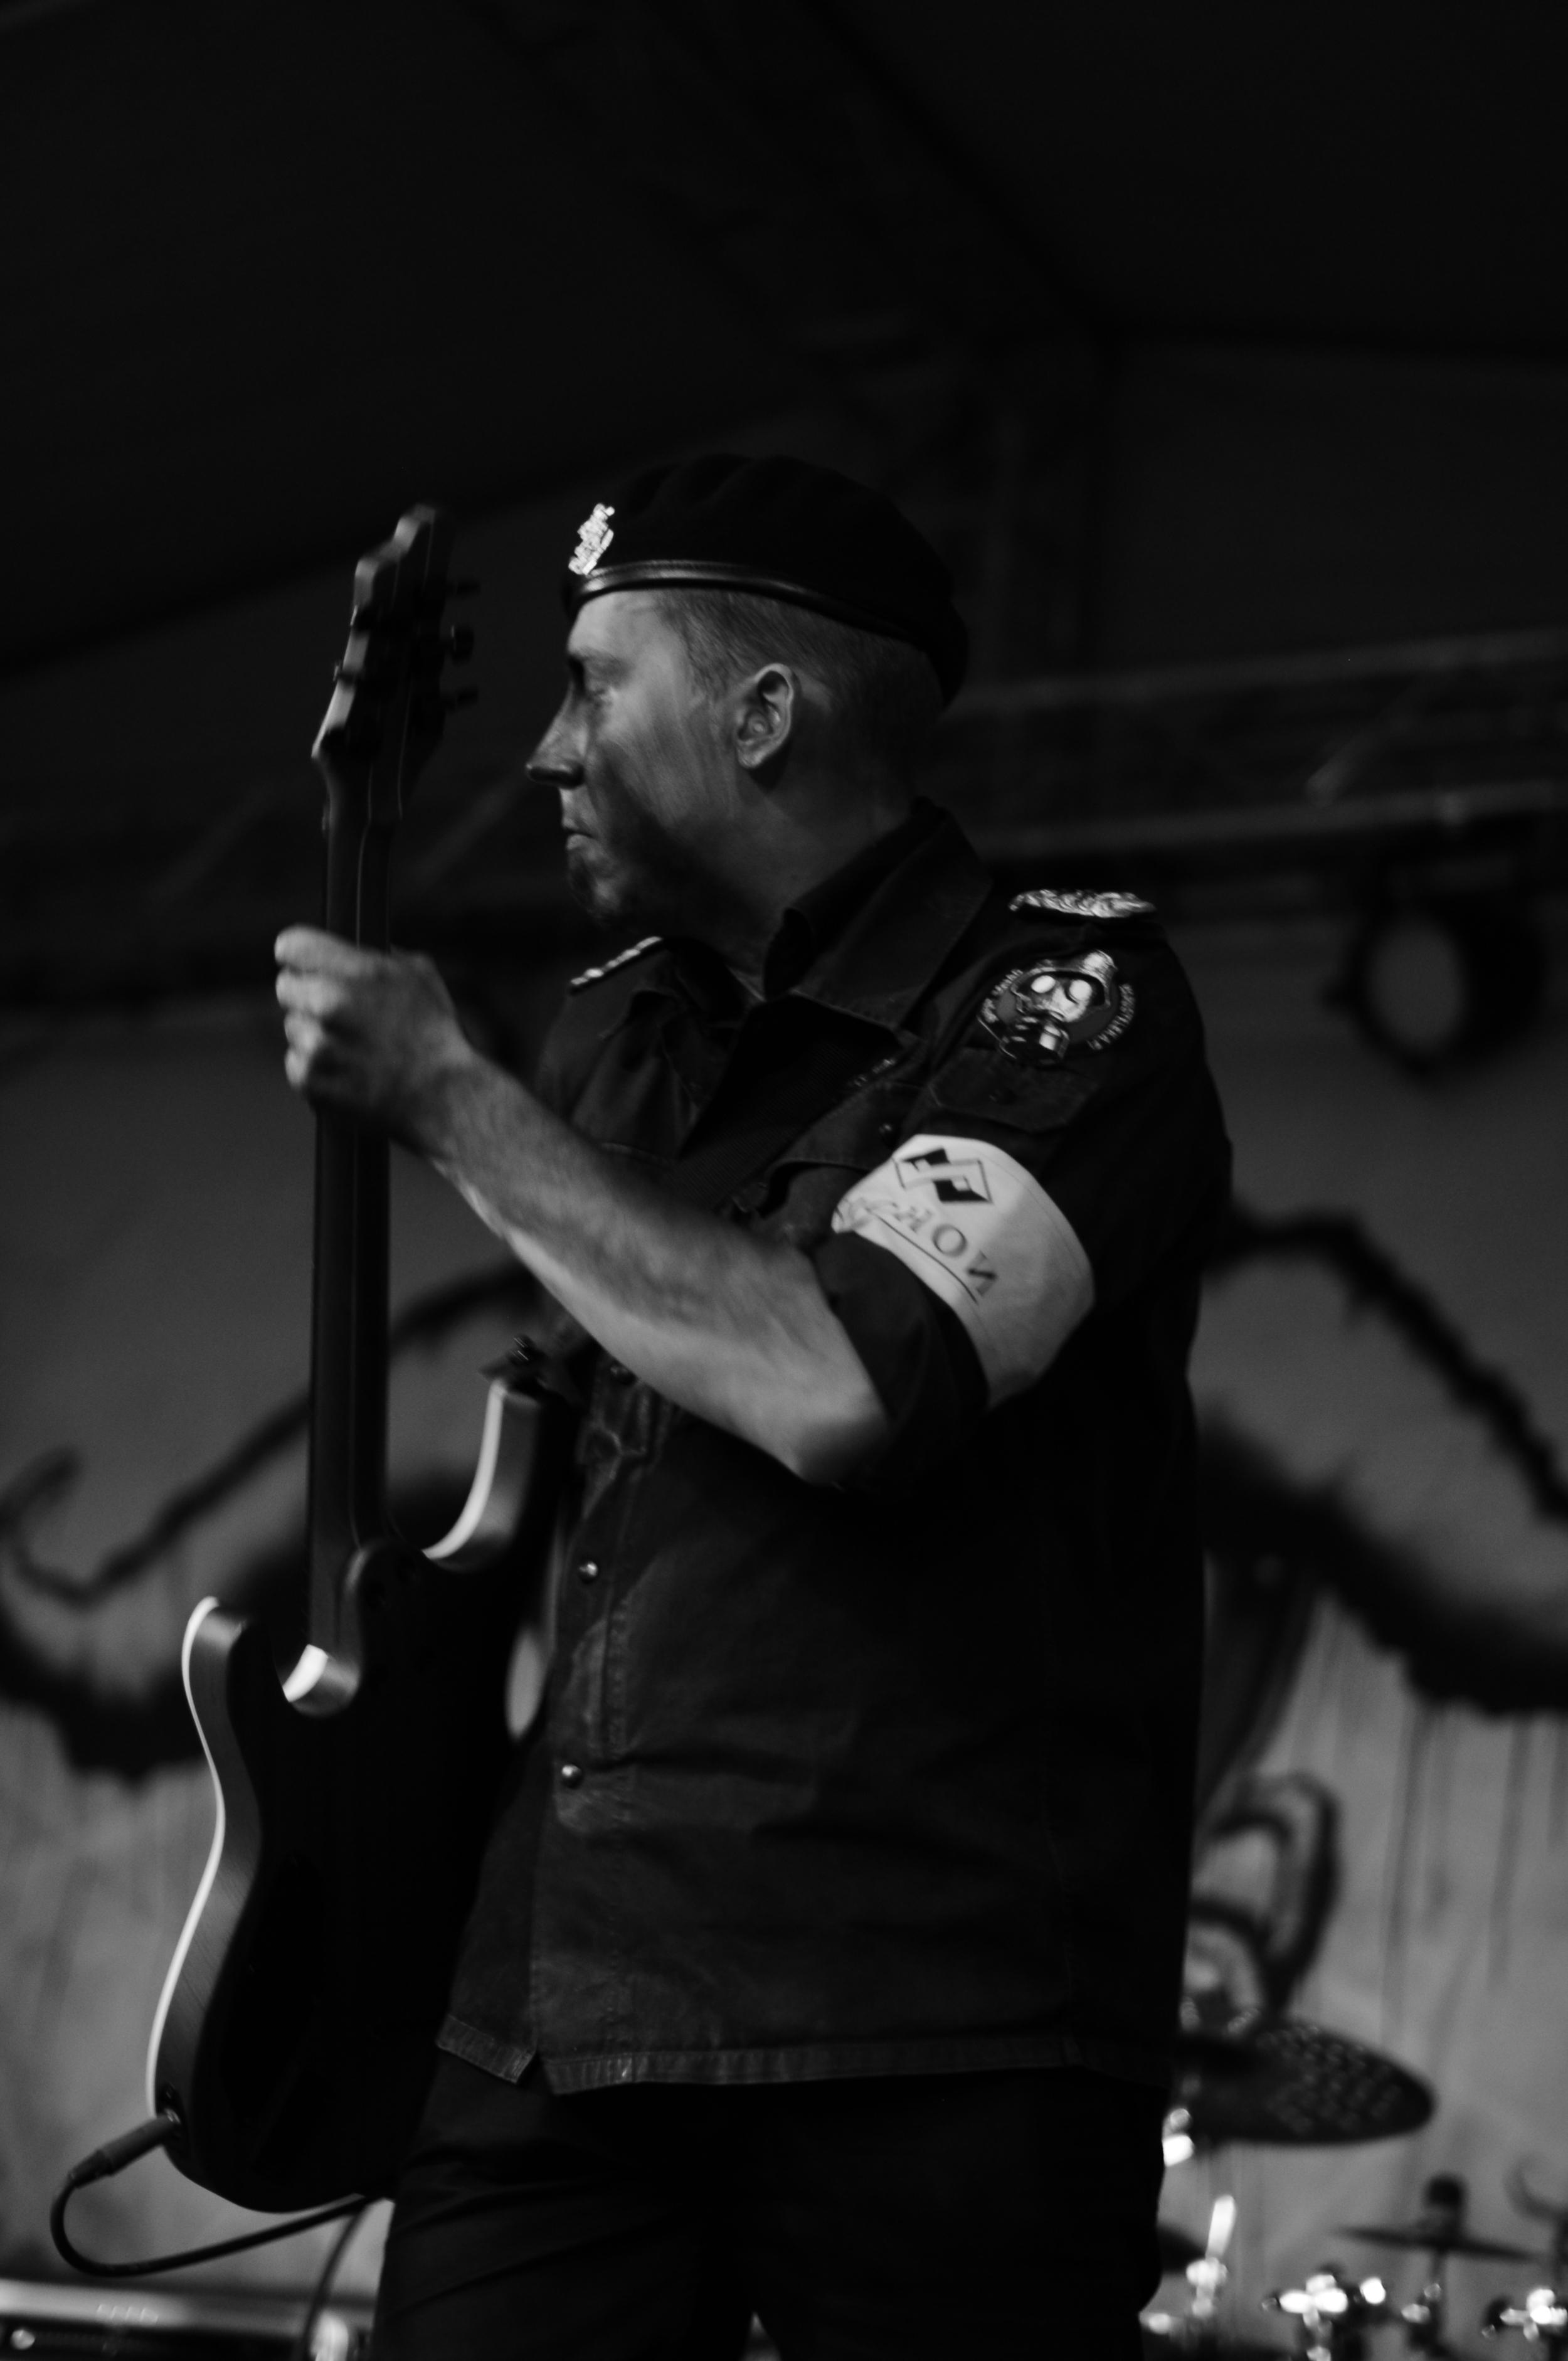 Photo by Mika Lehtinen.